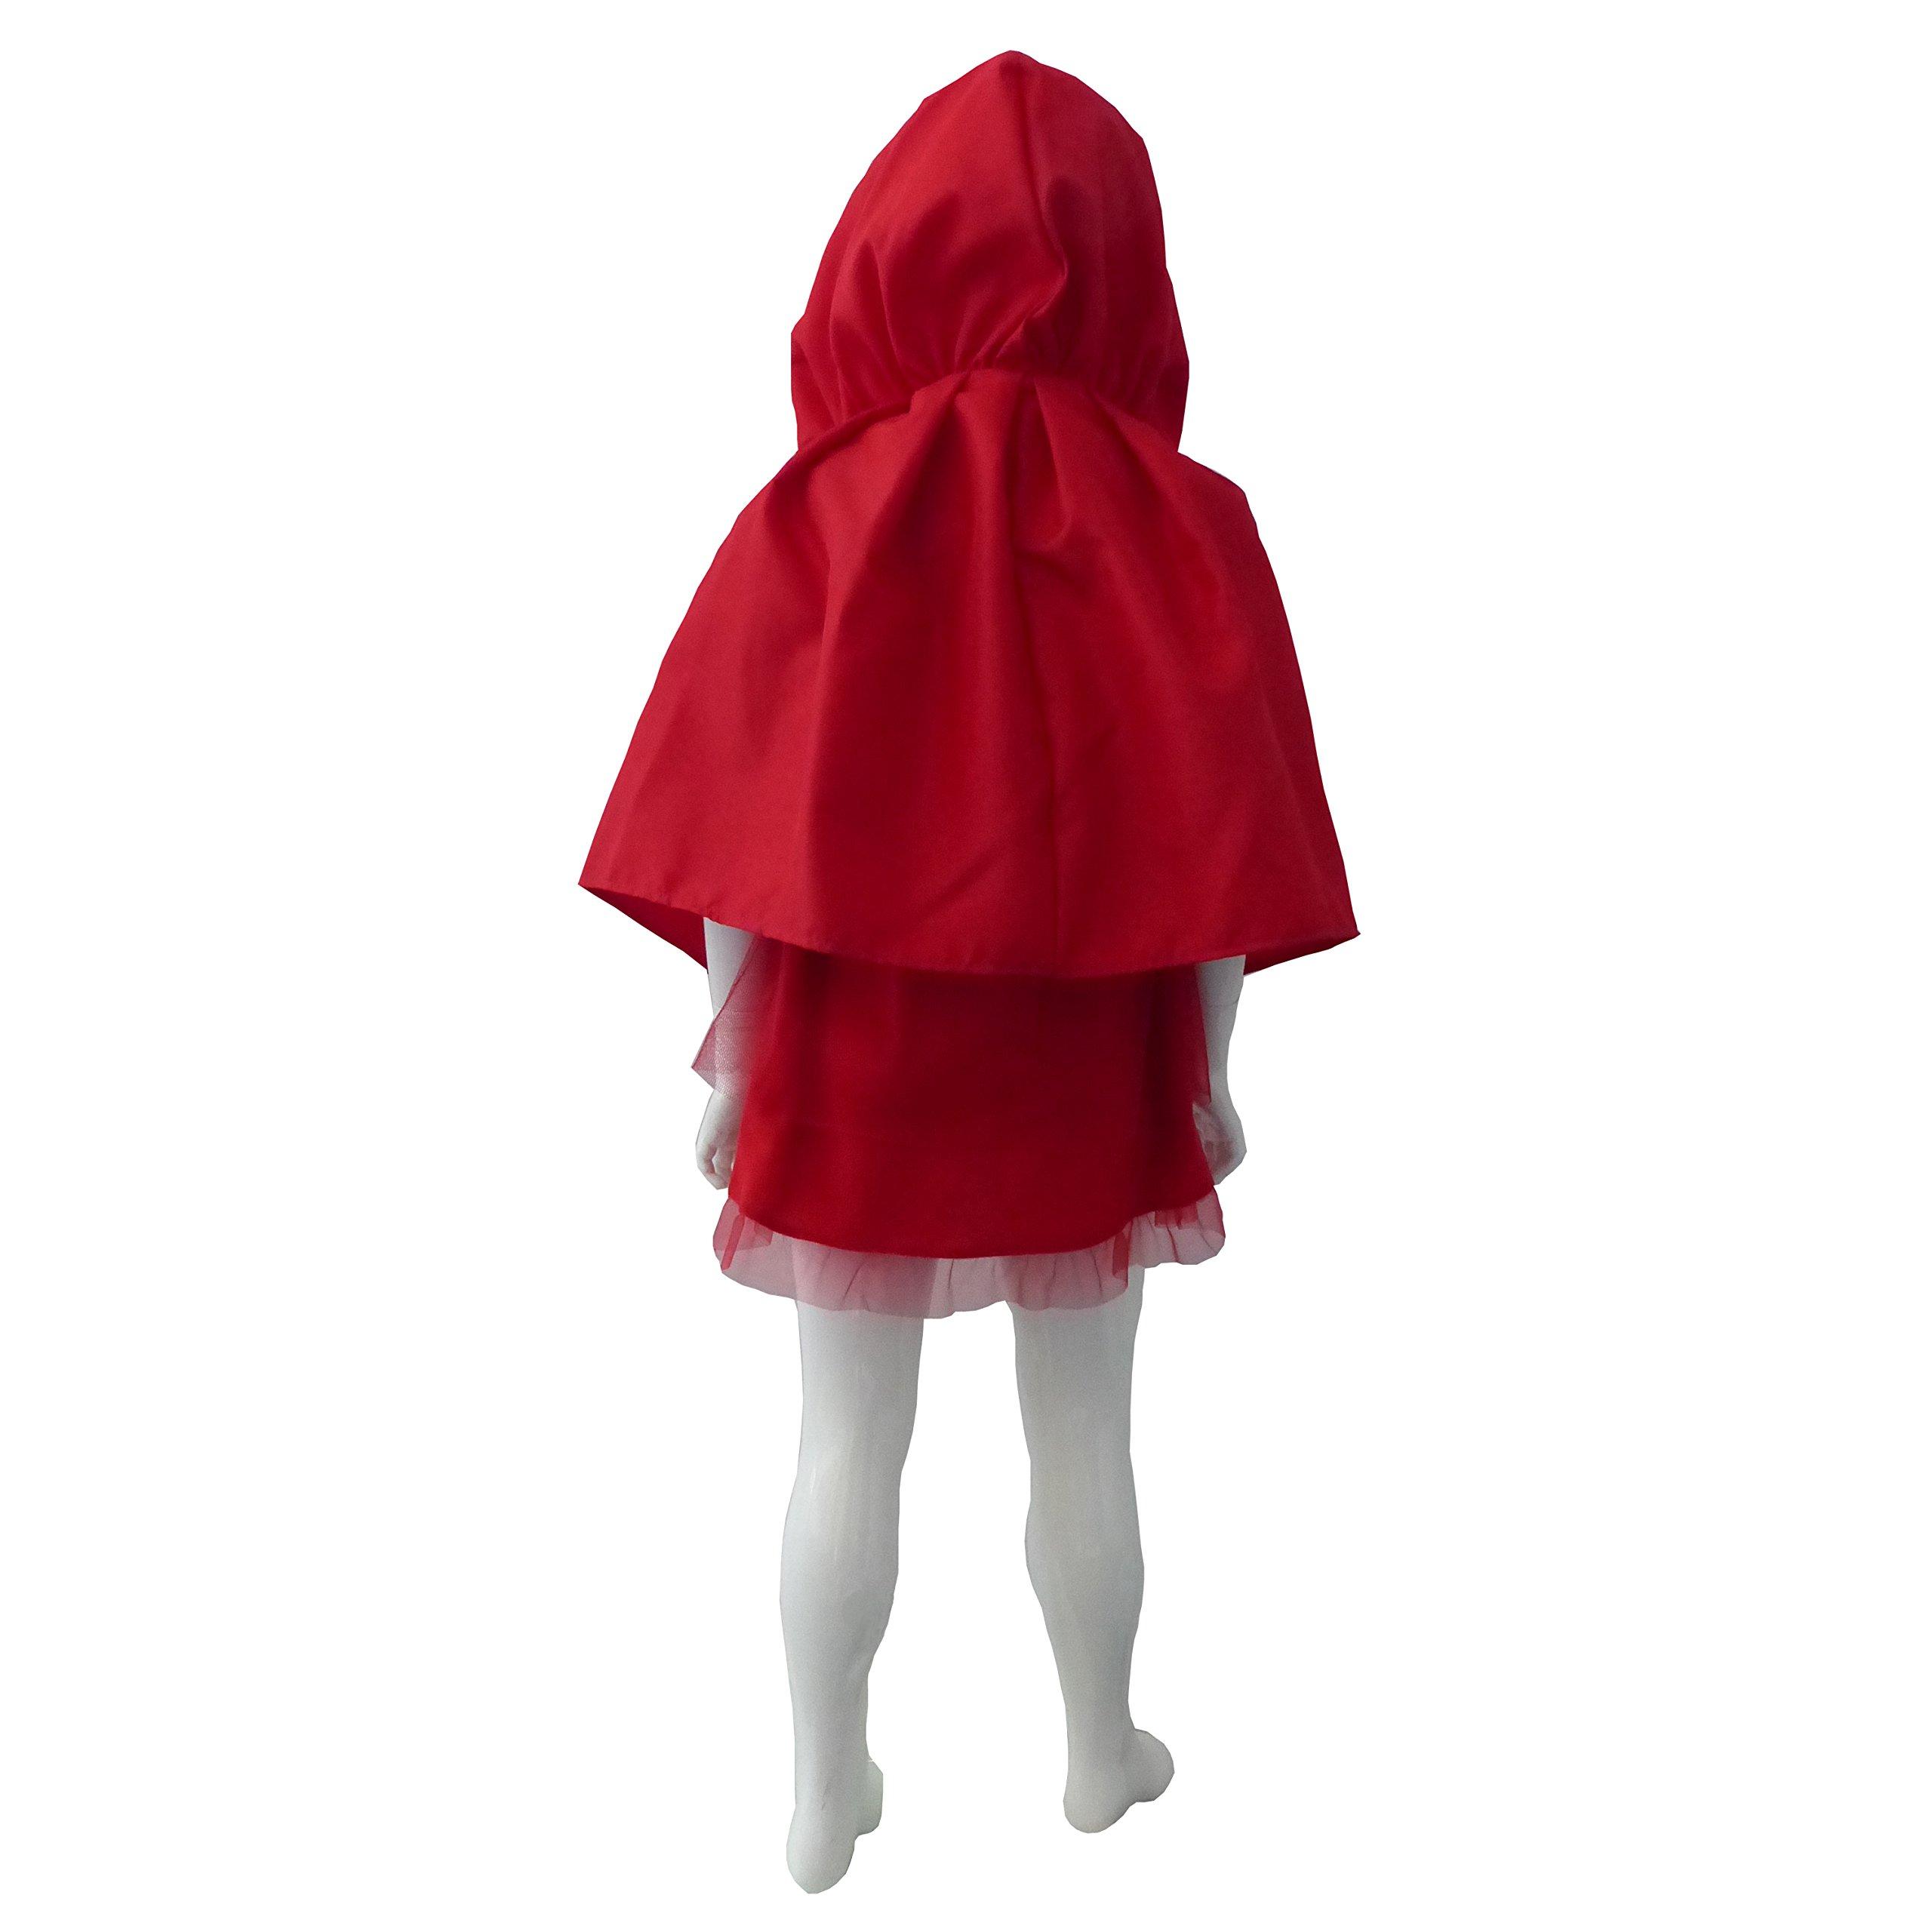 César E863-003 - Disfraz infantil de Caperucita roja (3-5 años ...